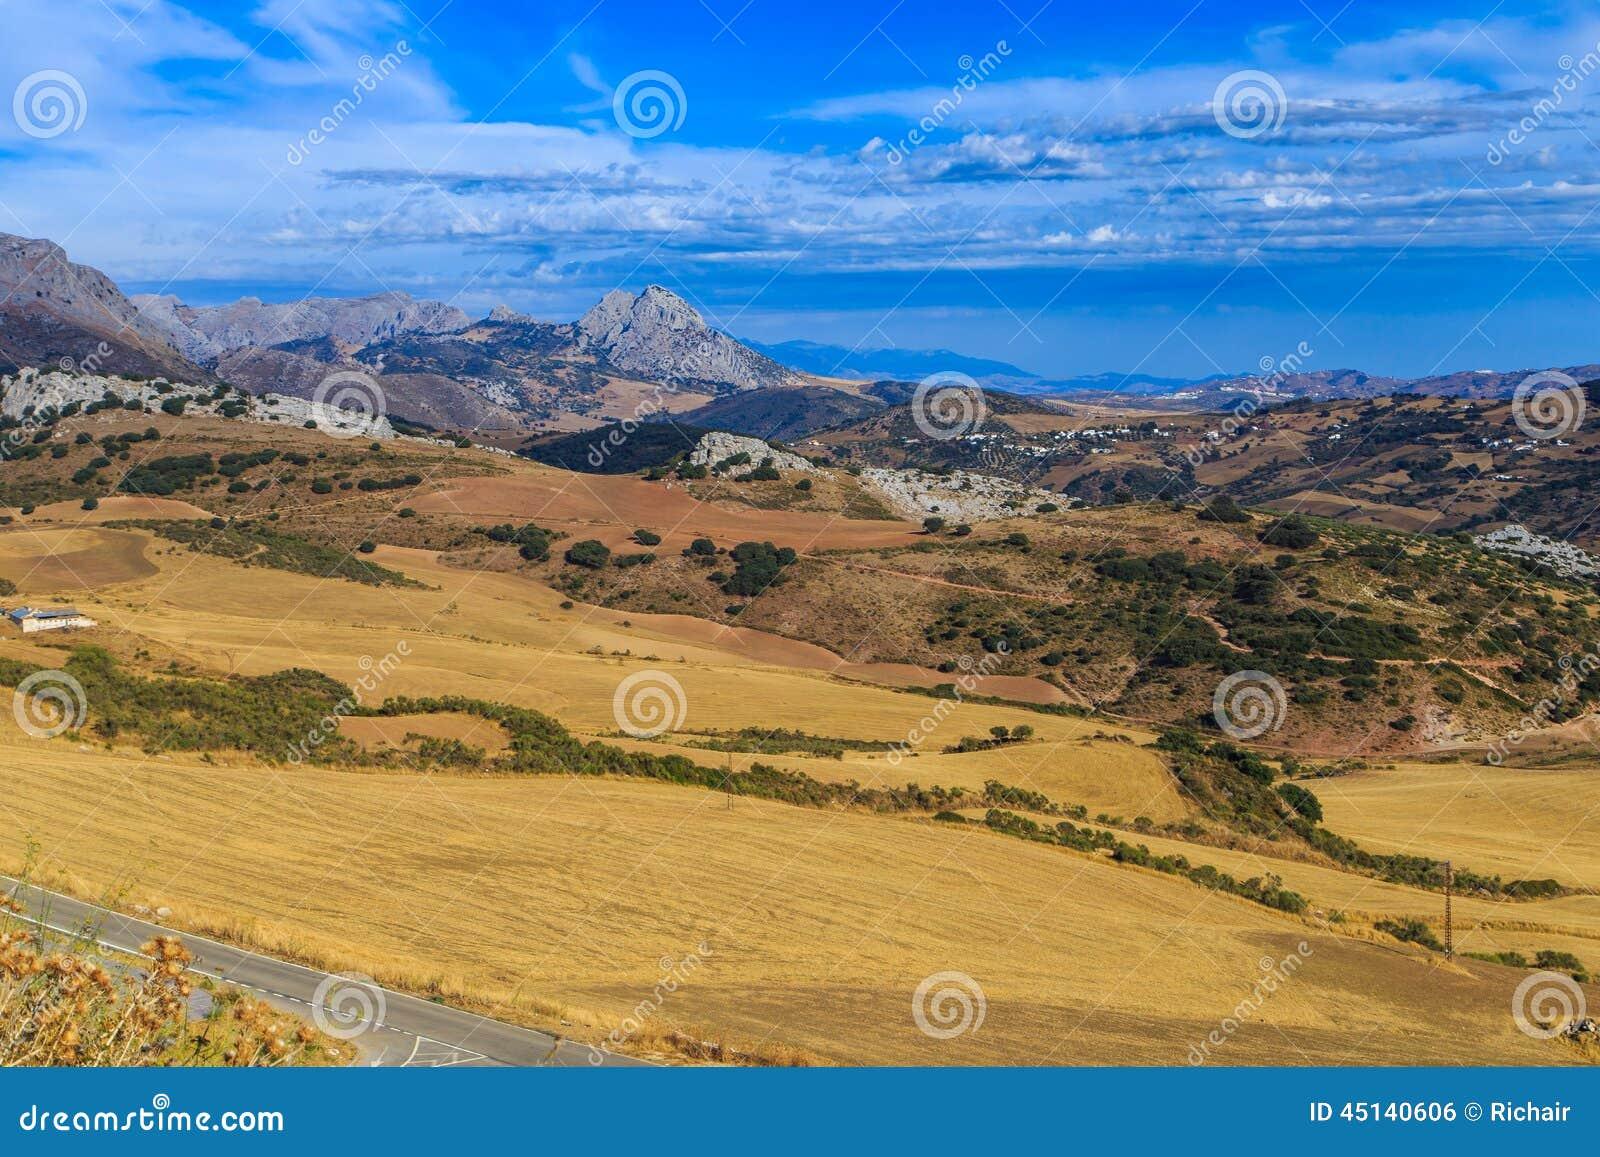 Spanish Landscape Stock Photo Image 45140606